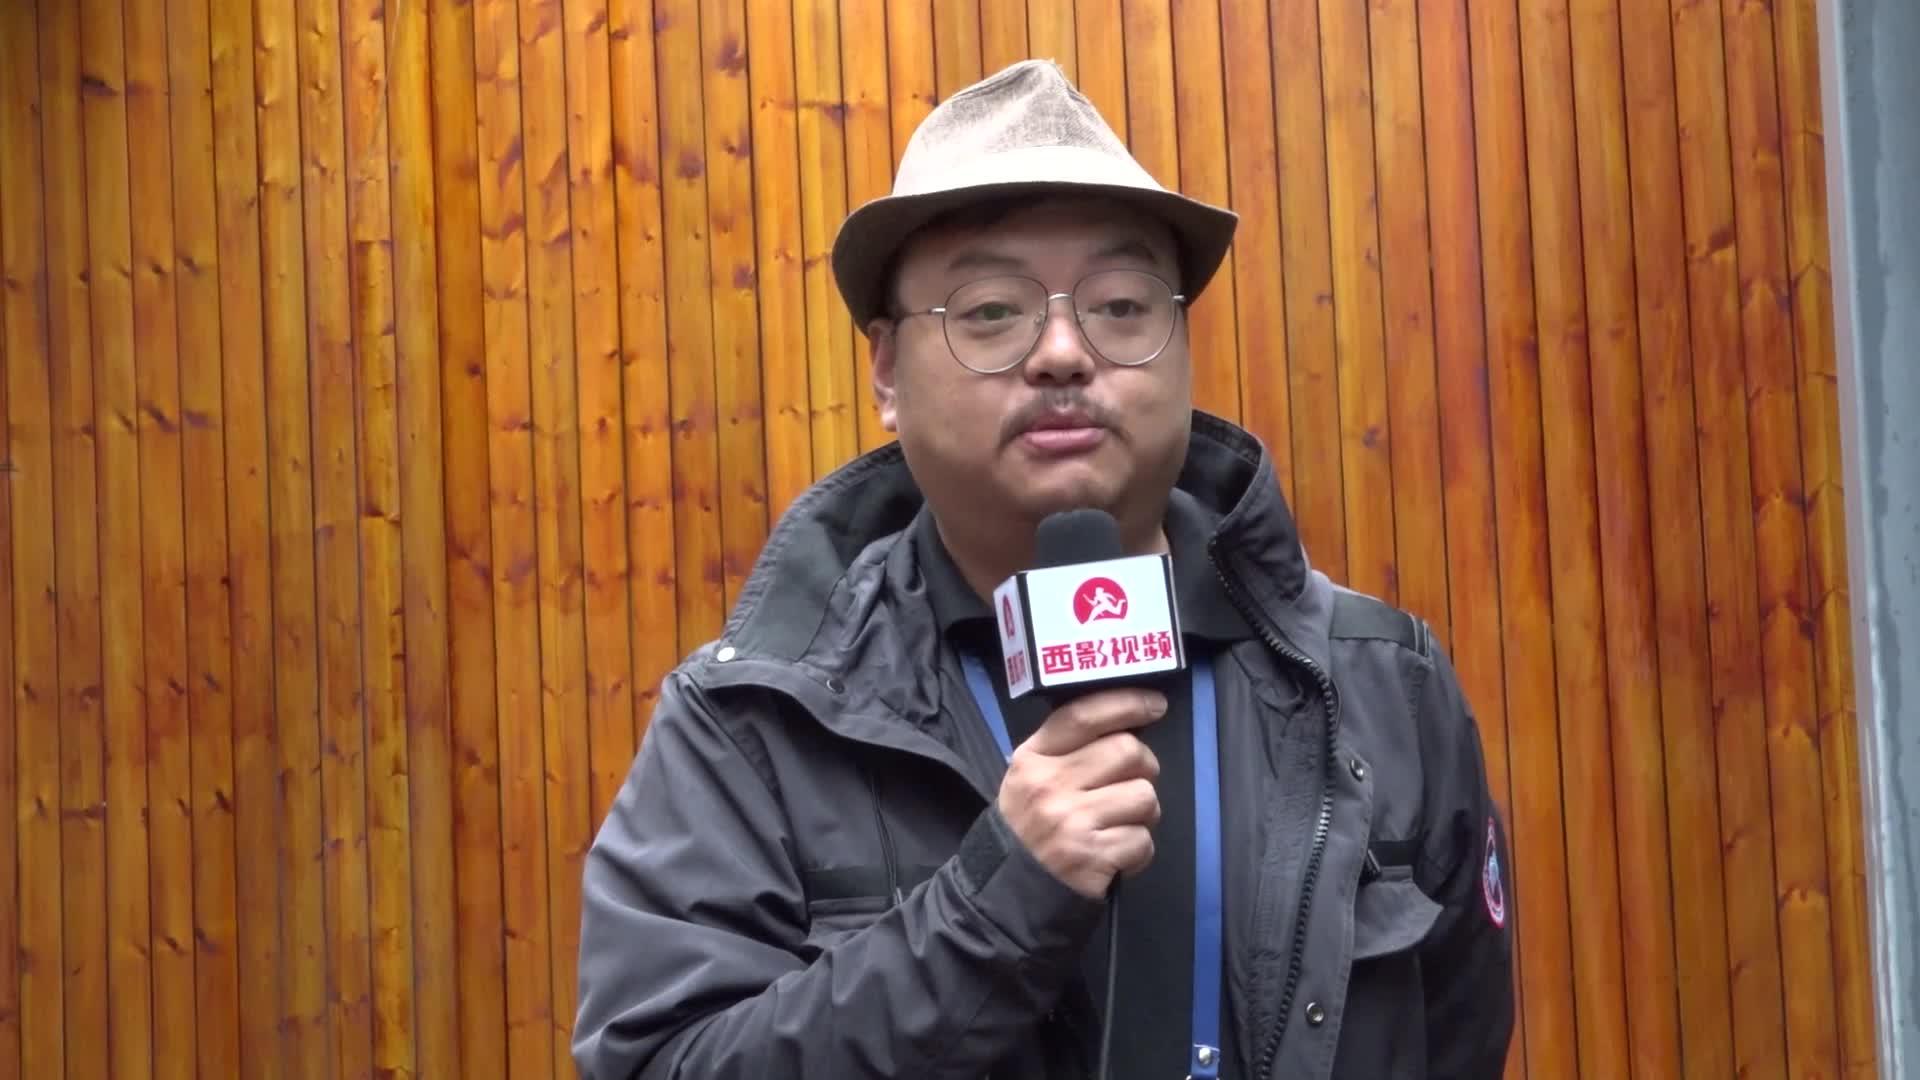 《拨浪鼓咚咚响》导演白志强先生畅谈电影市场变化及创作初衷